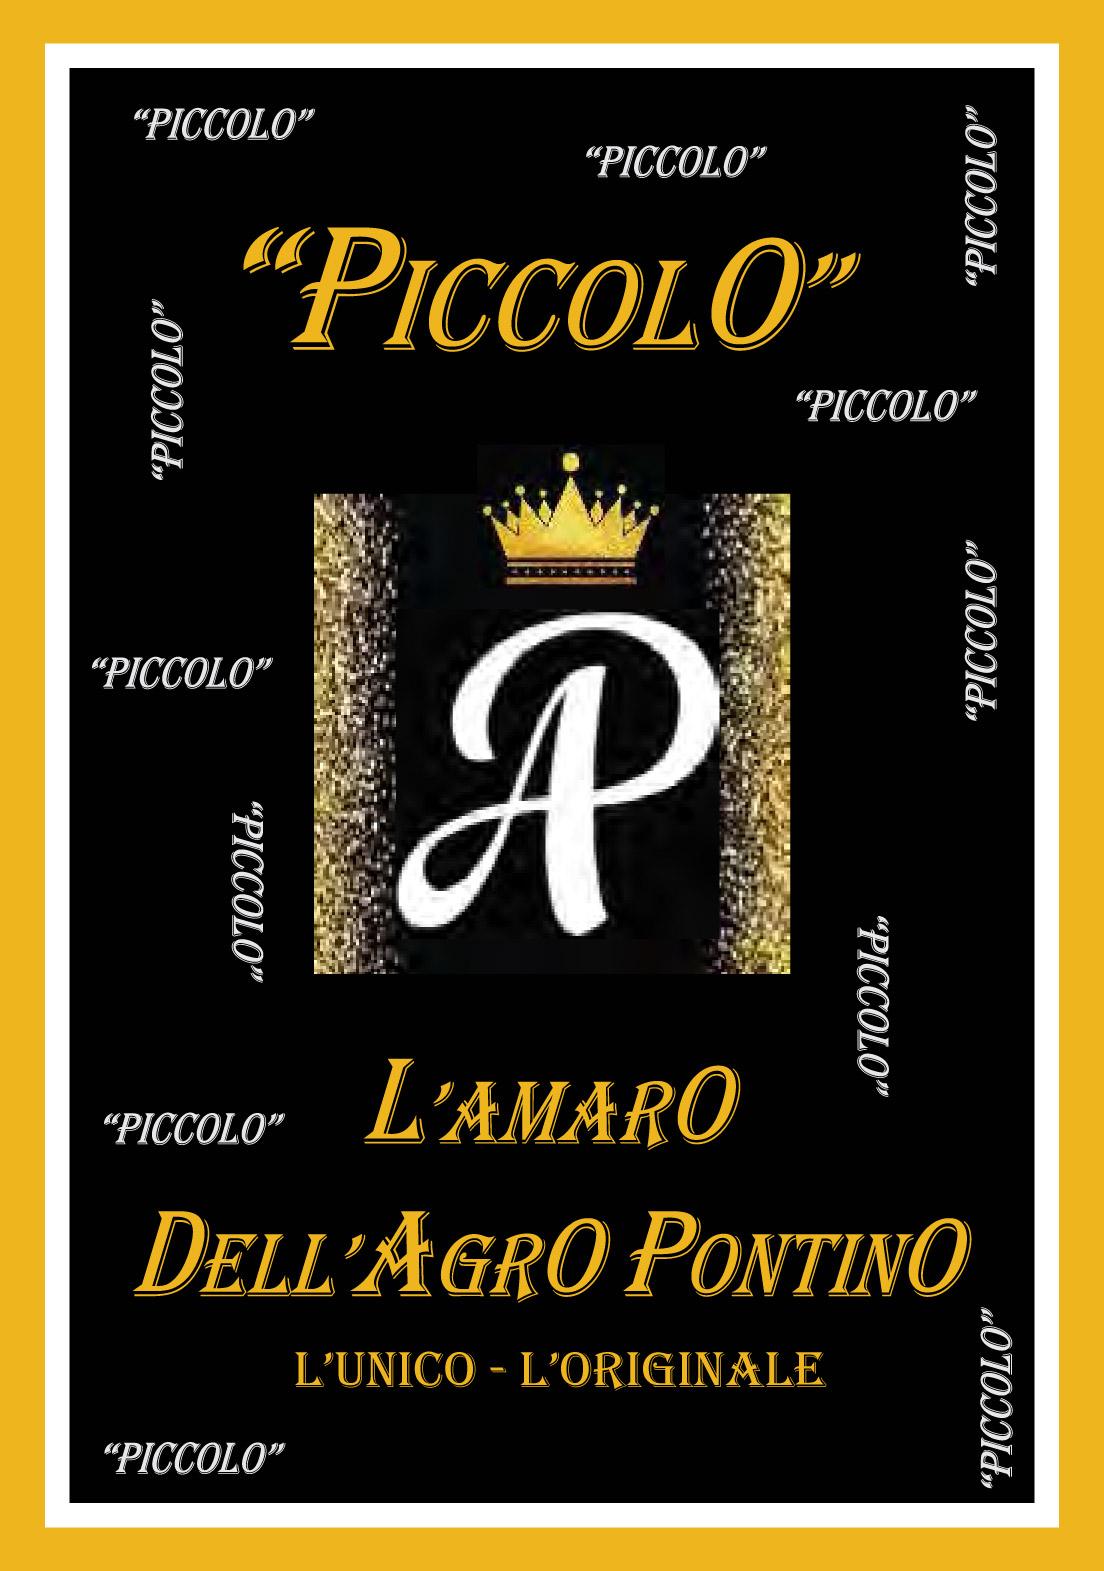 """Presentato """"Piccolo"""" l'Amaro dell'AgroPontino"""